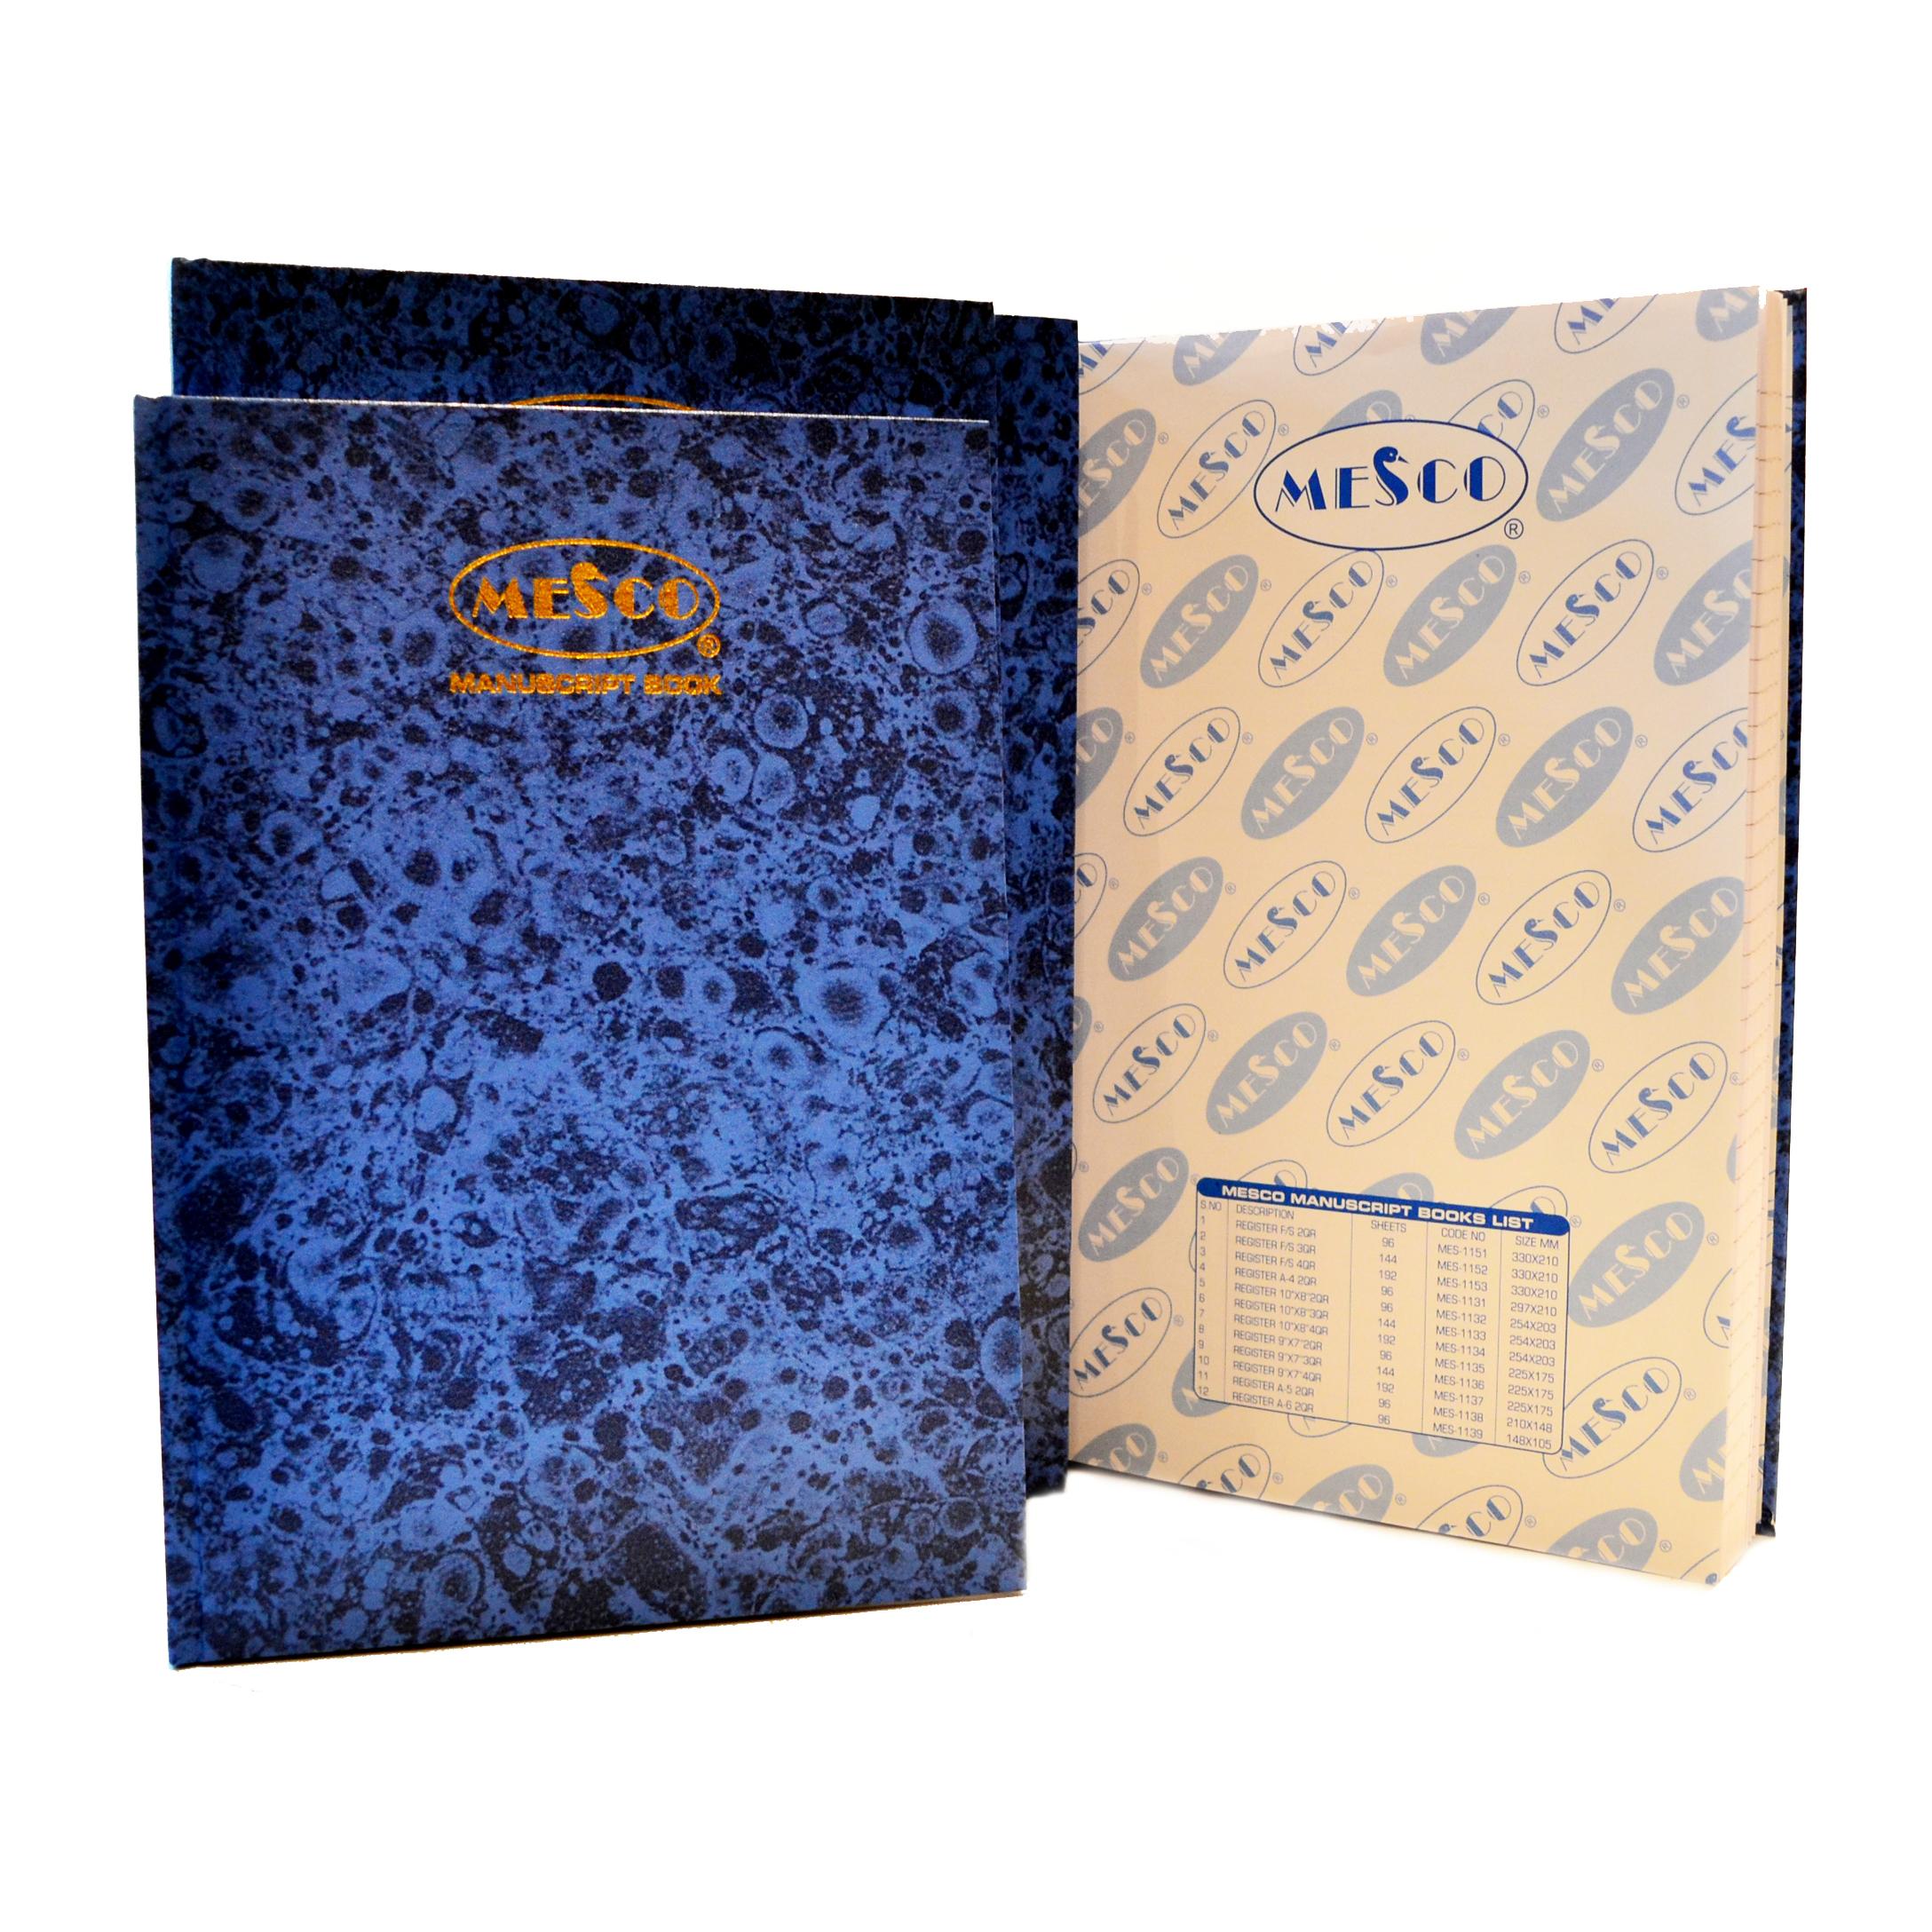 Mesco MES-1152 Manuscript Book 3Q - FS (pc)